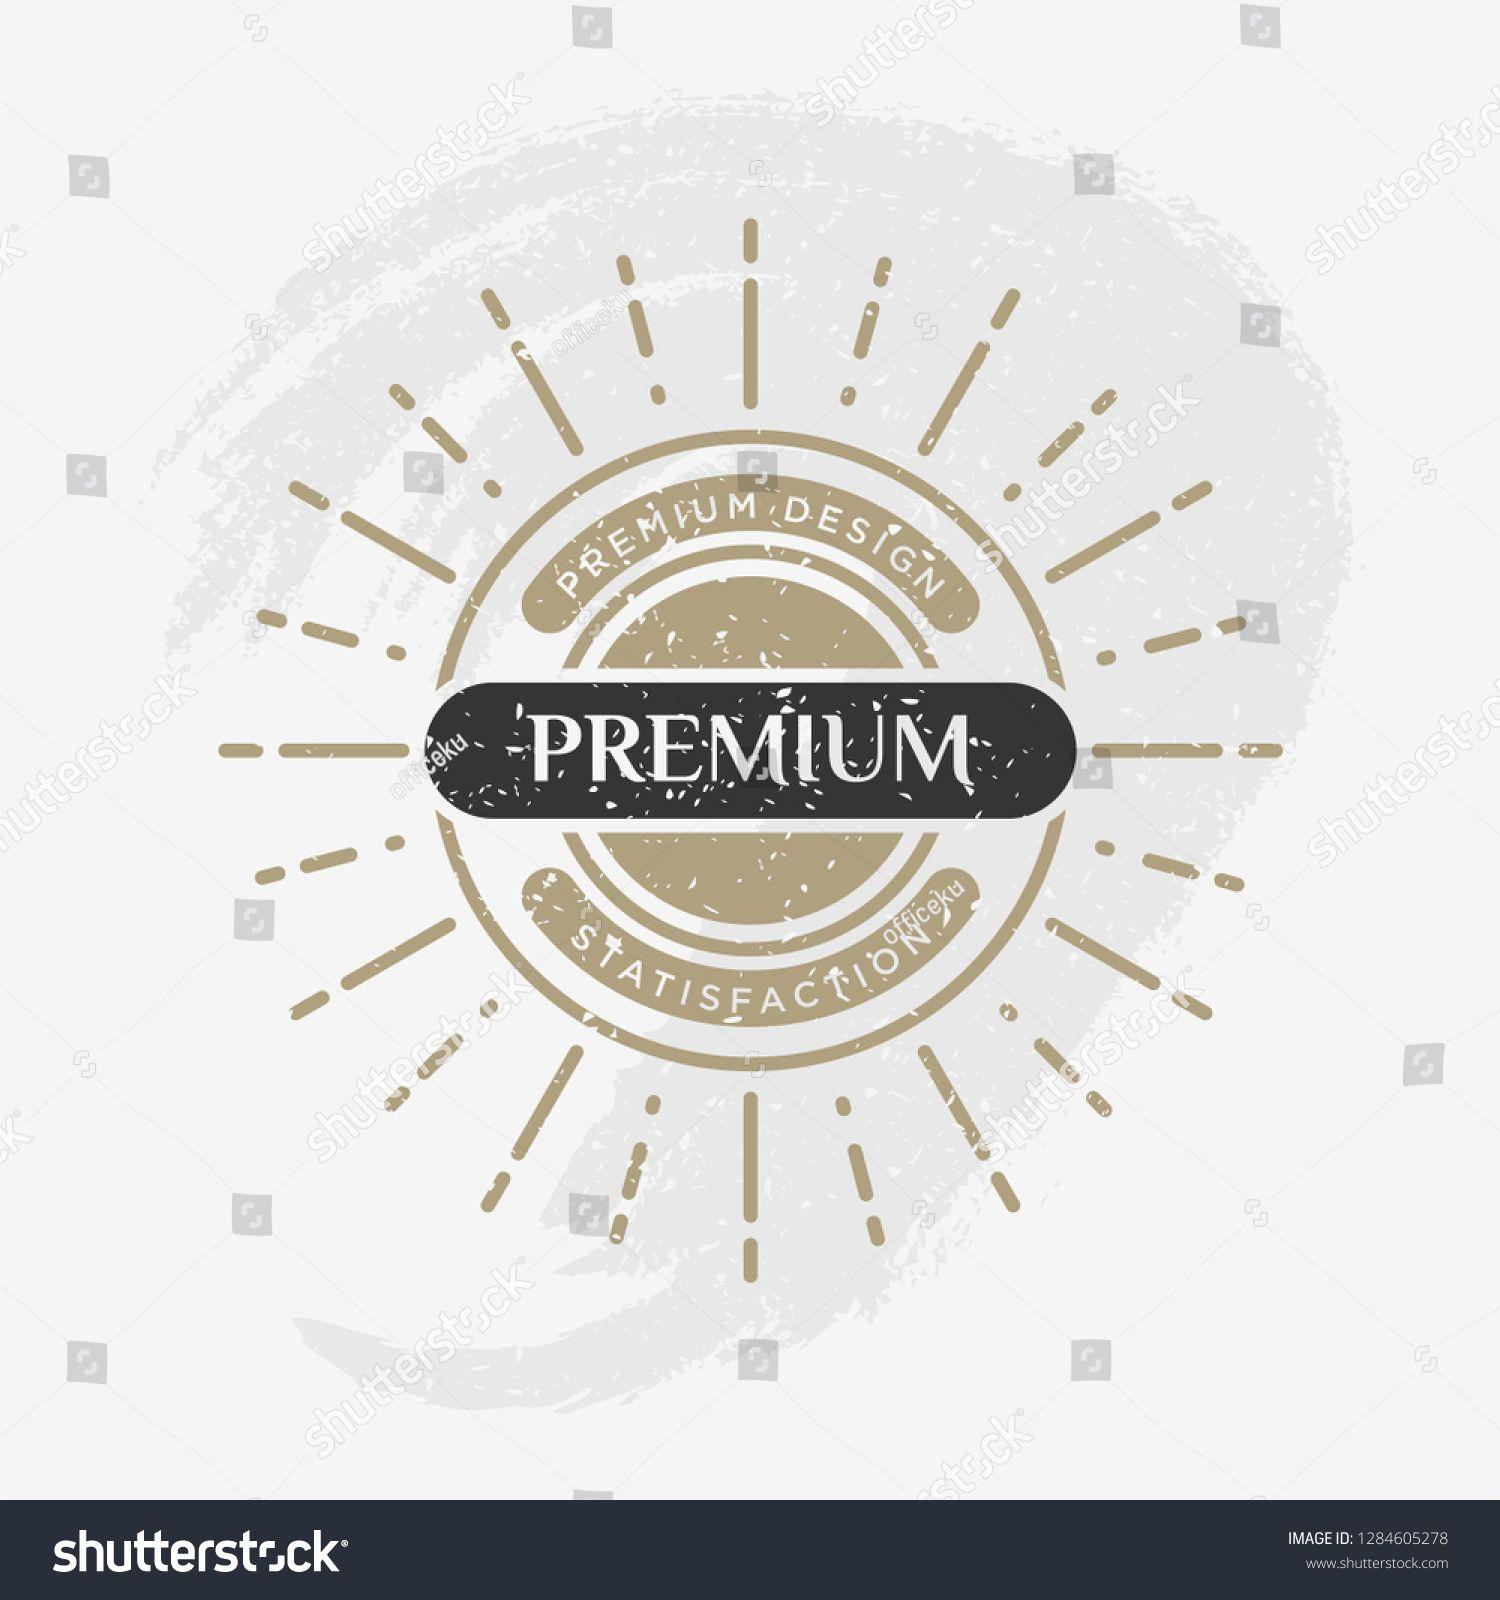 Retro Vintage Insignia Vector Design Element Business Sign Template Vintage Logo Design Element In Vintage Style Vintage Logo Design Logo Design Sign Design